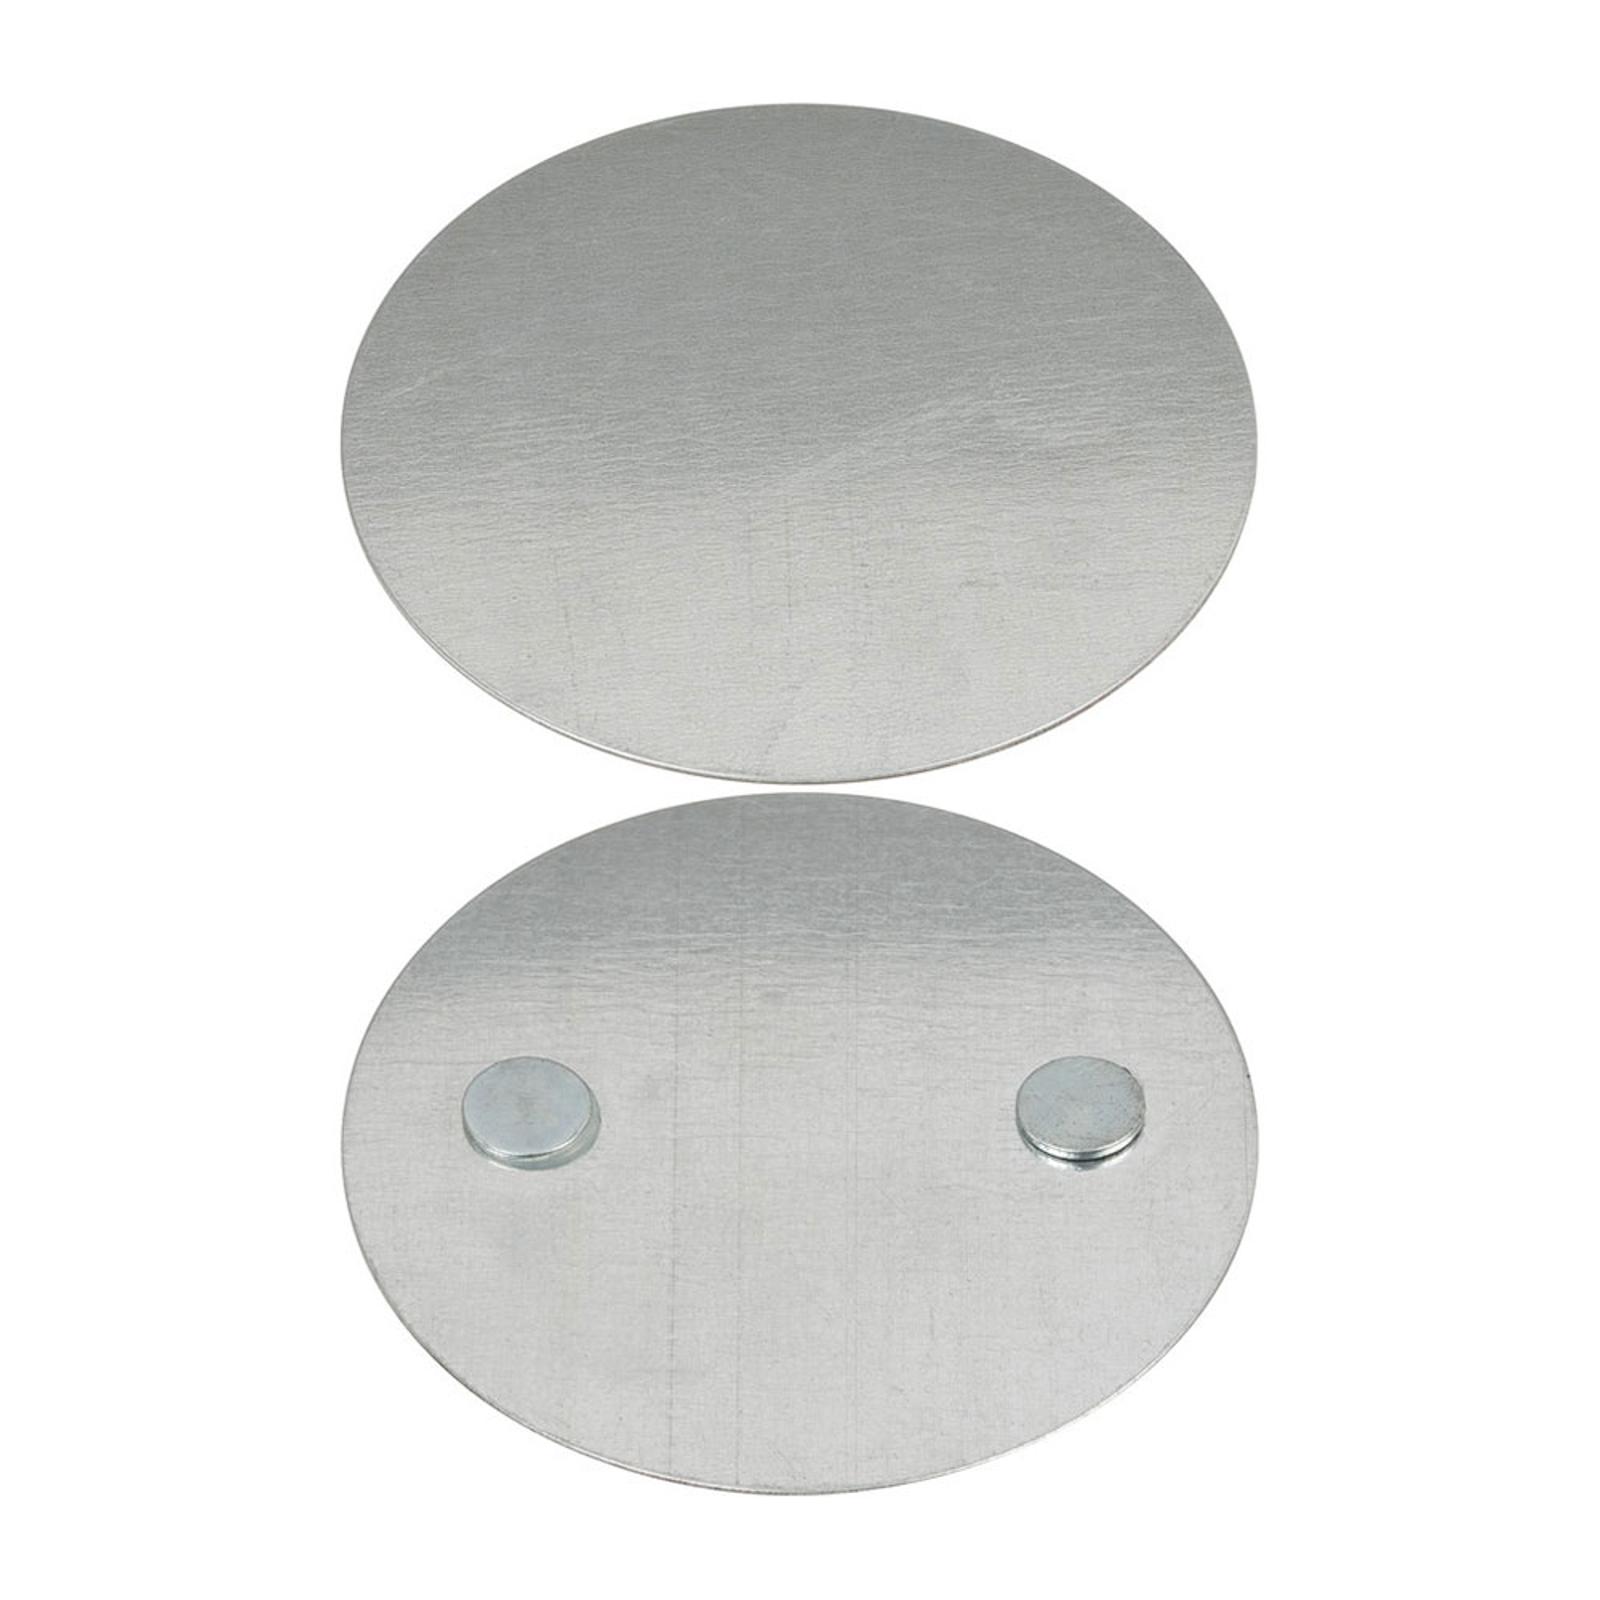 Magnetisk monteringsplate BR 1000 for røykalarm